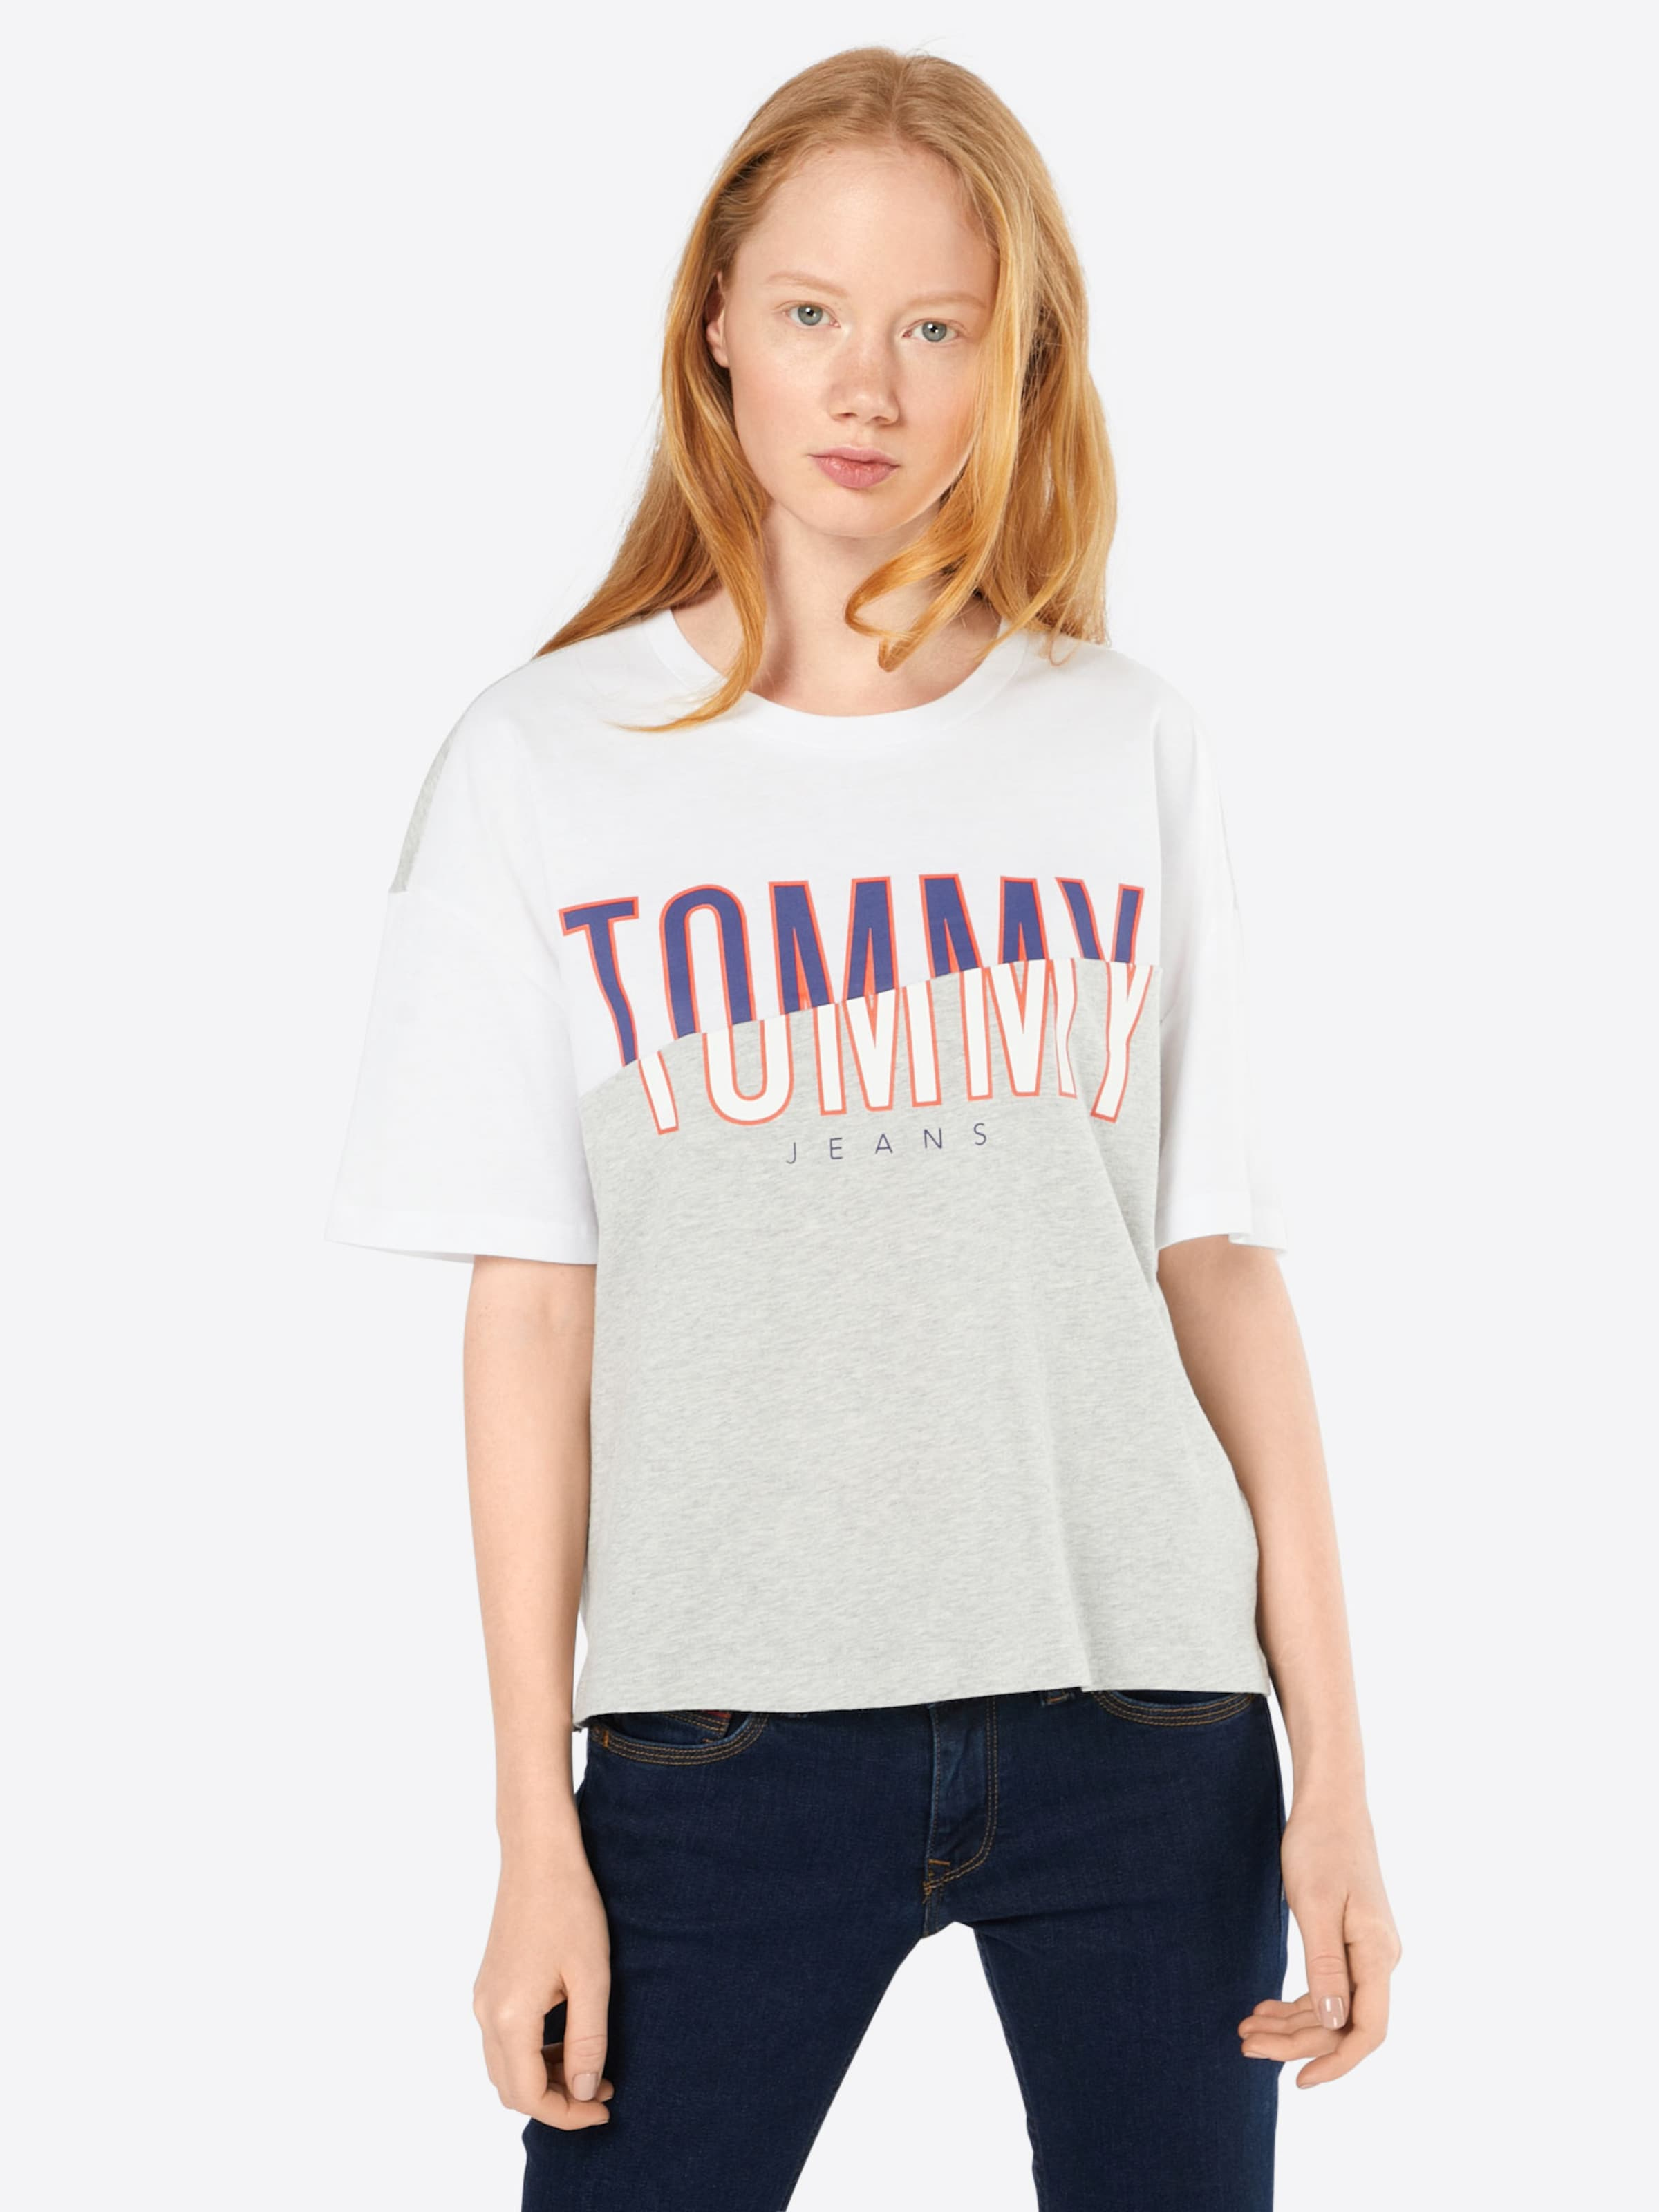 Tommy Jeans Shirt mit Logoprint Extrem Online Va9Zygo9U